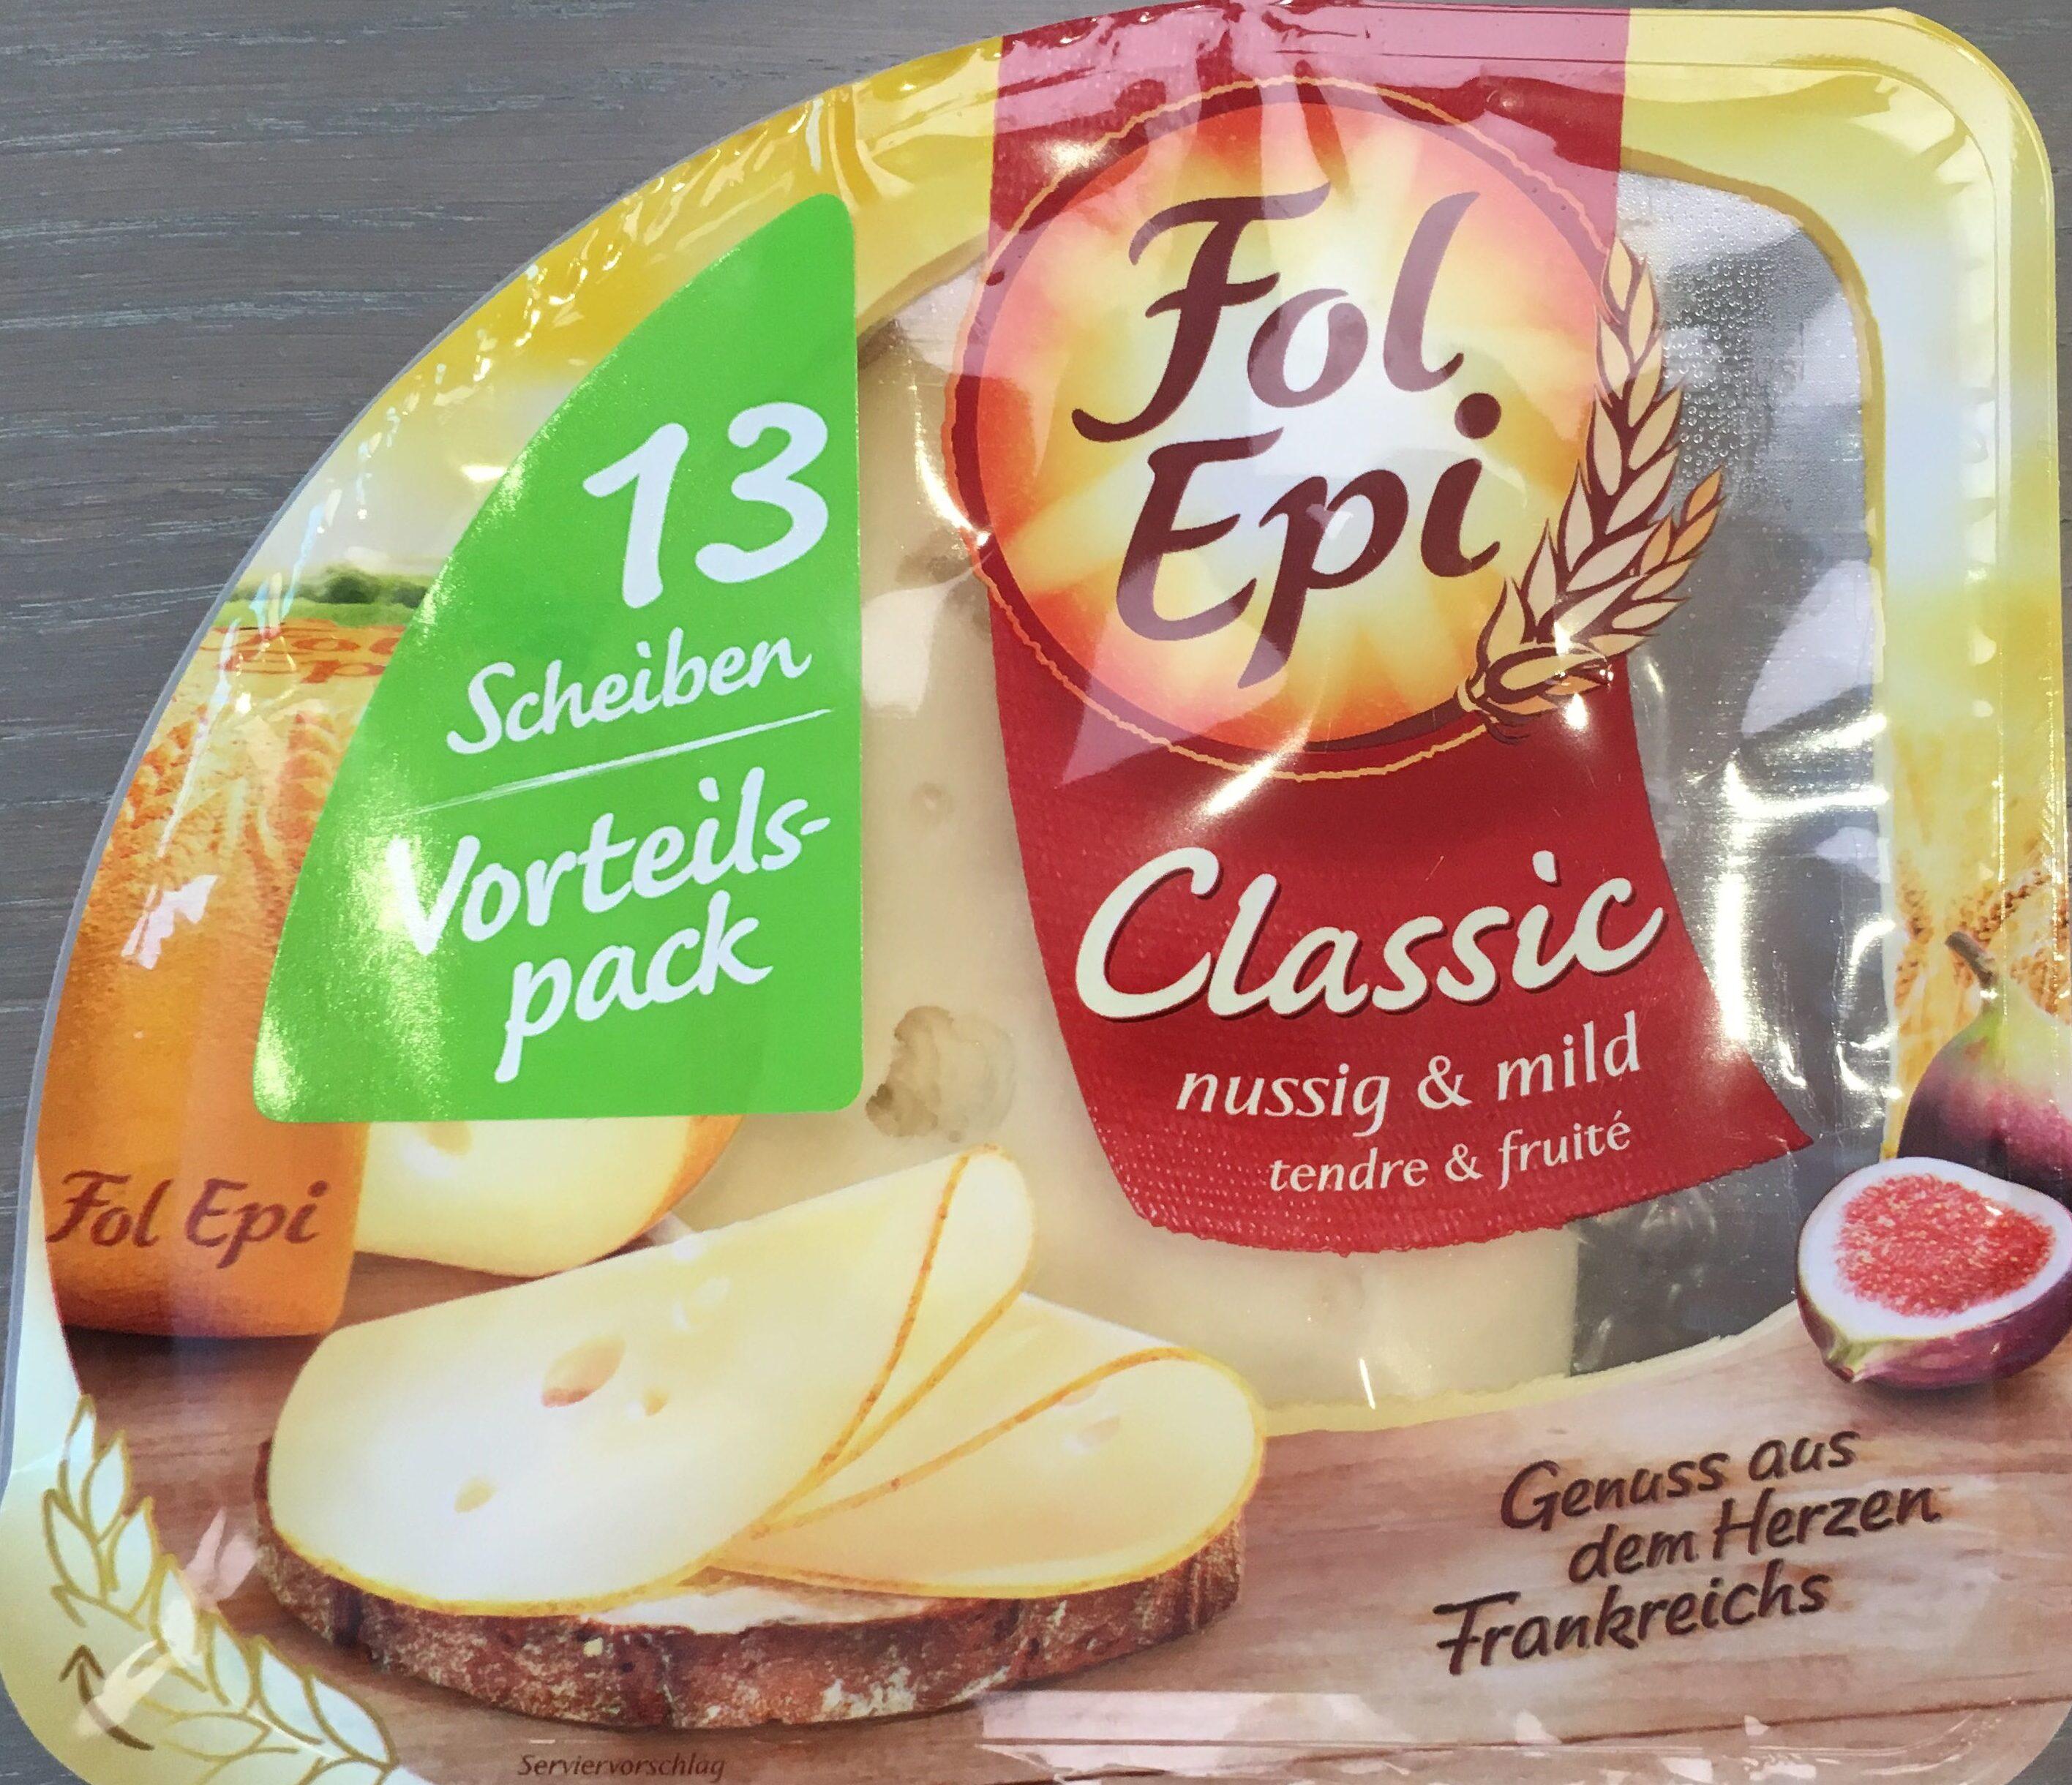 Fol Epi Classic, Nussig & Mild, 13 Scheiben Vorteilspack - Produit - de